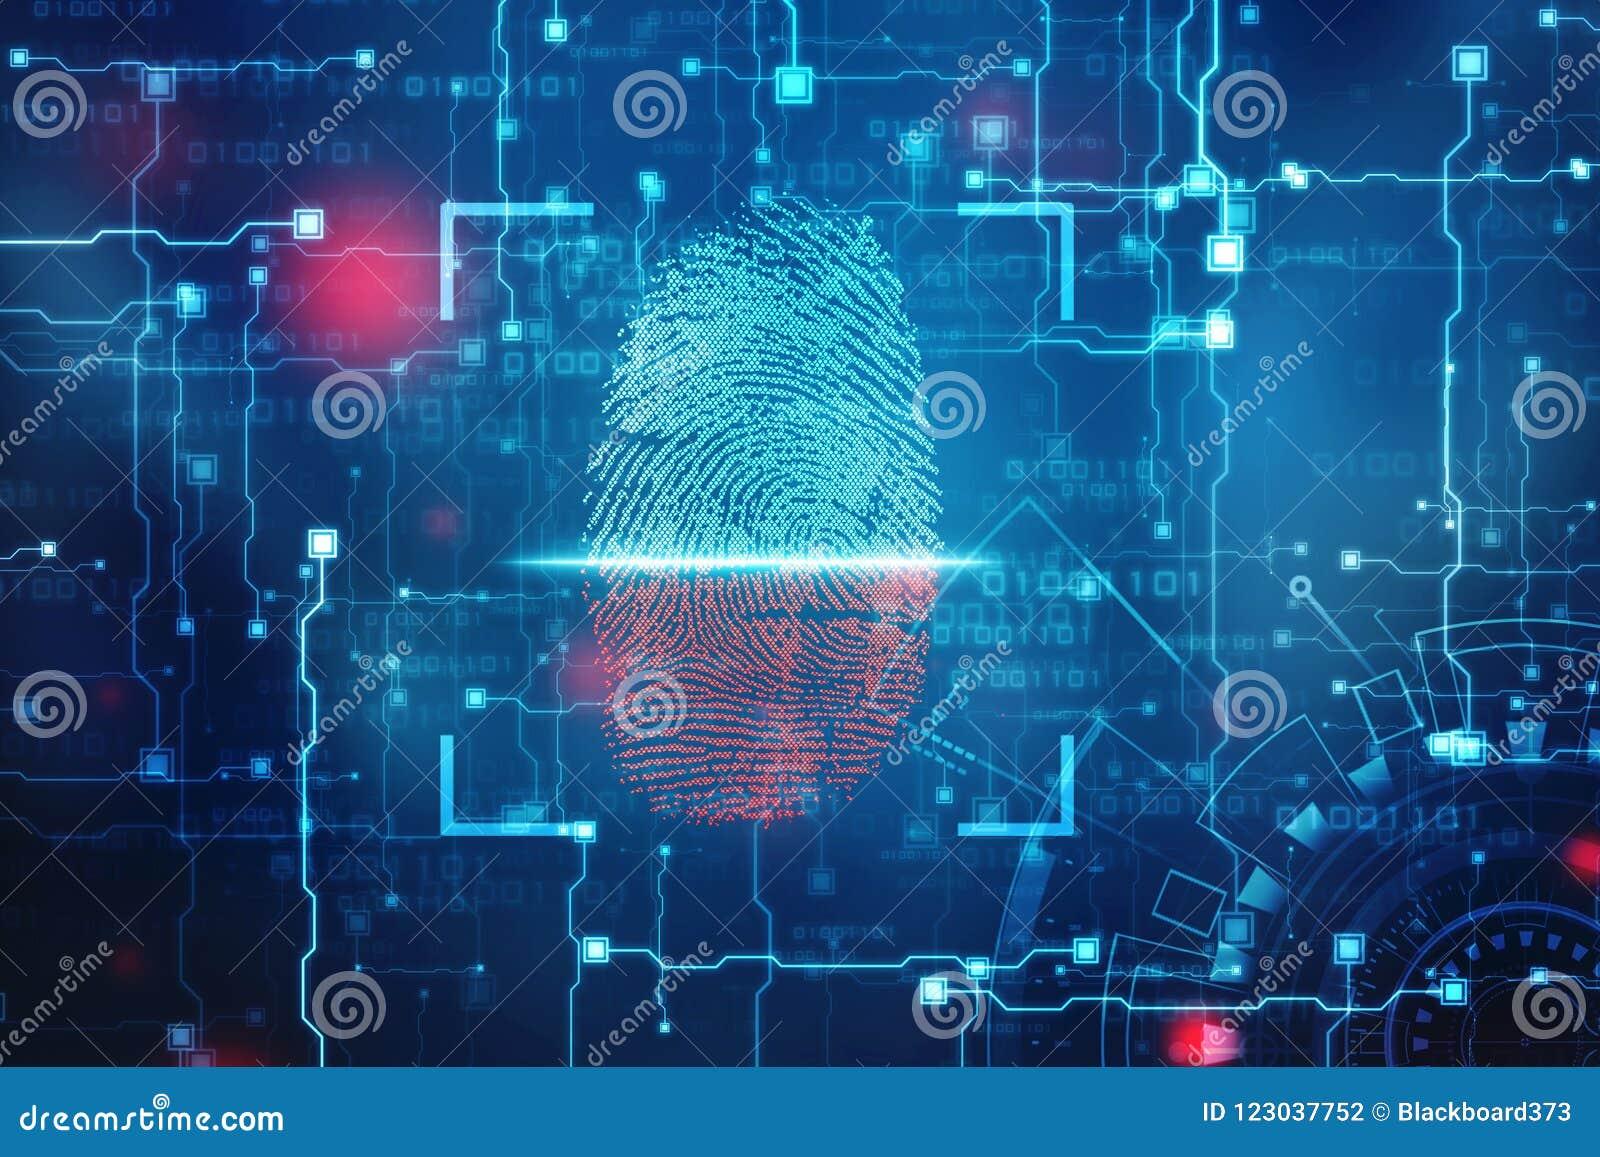 Έννοια ασφάλειας: ανίχνευση δακτυλικών αποτυπωμάτων στην ψηφιακή οθόνη 2$α απεικόνιση